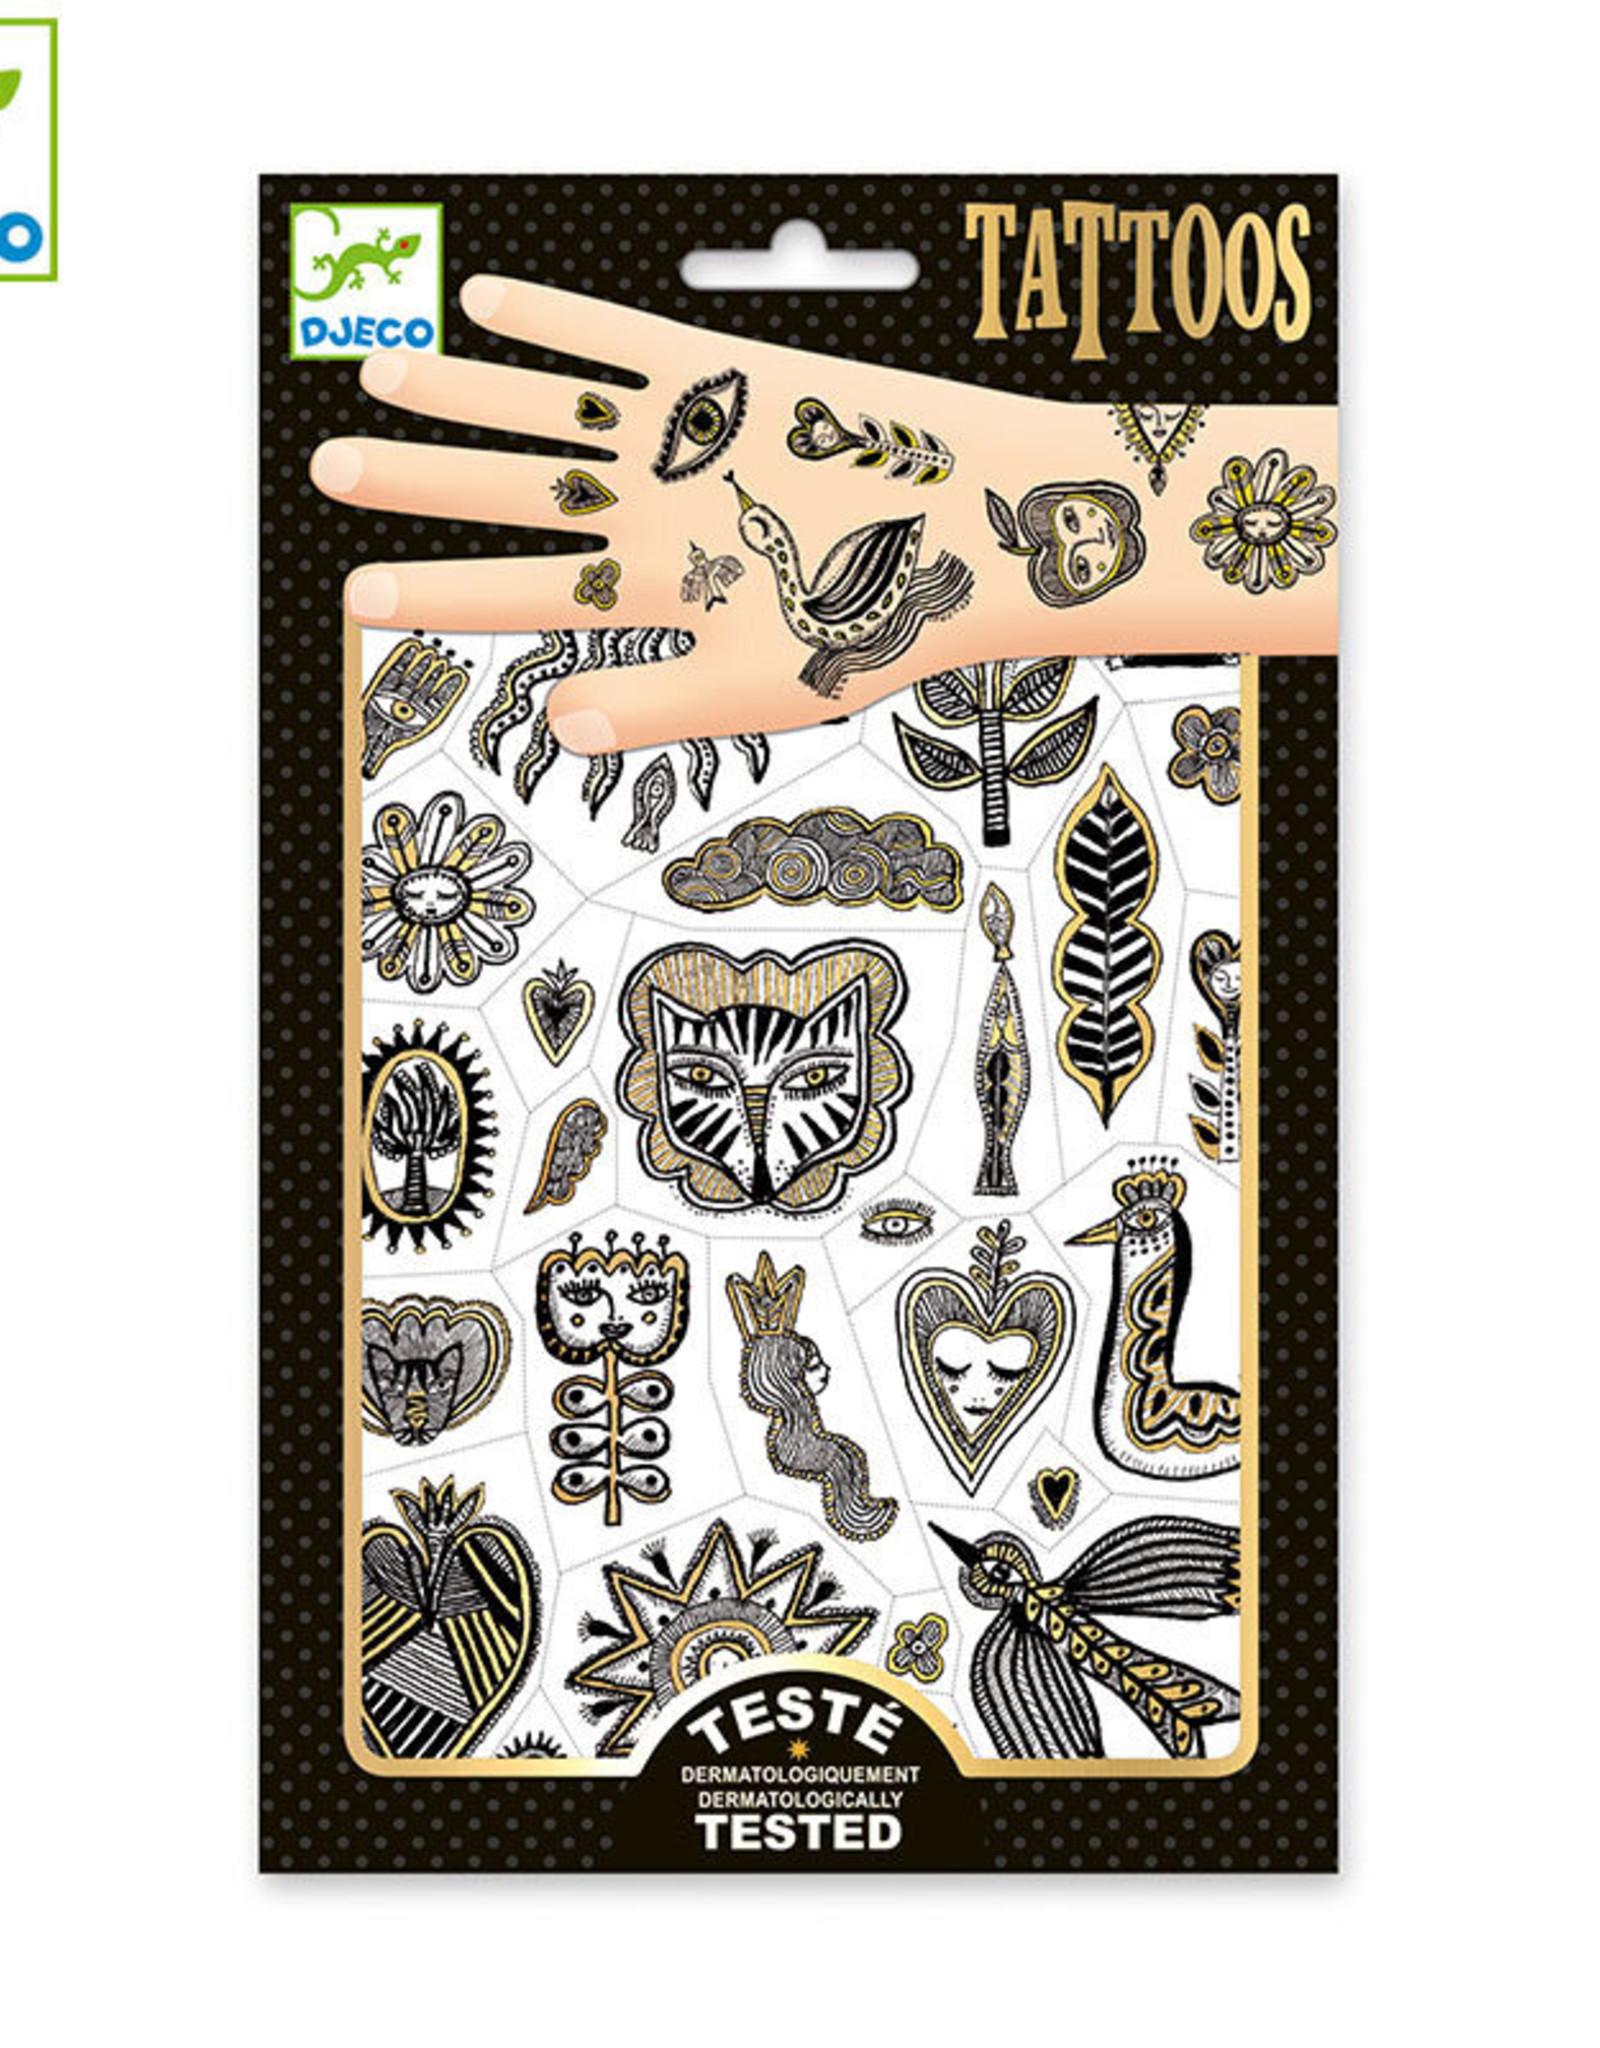 Djeco Tatto0 Golden Chic